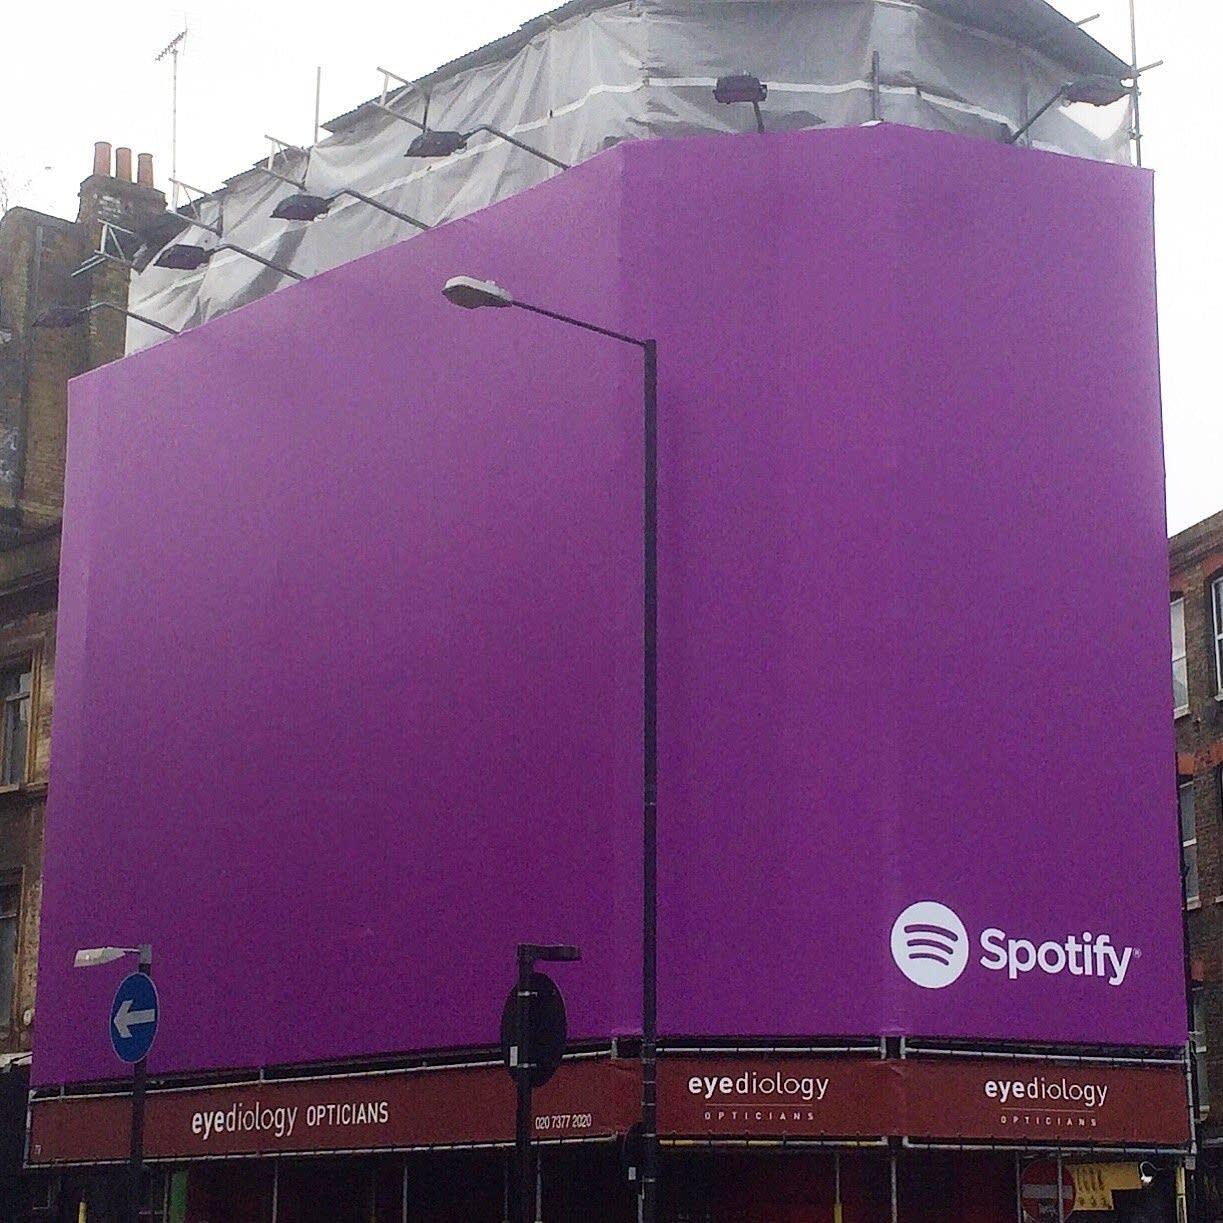 A purple Spotify ad in London